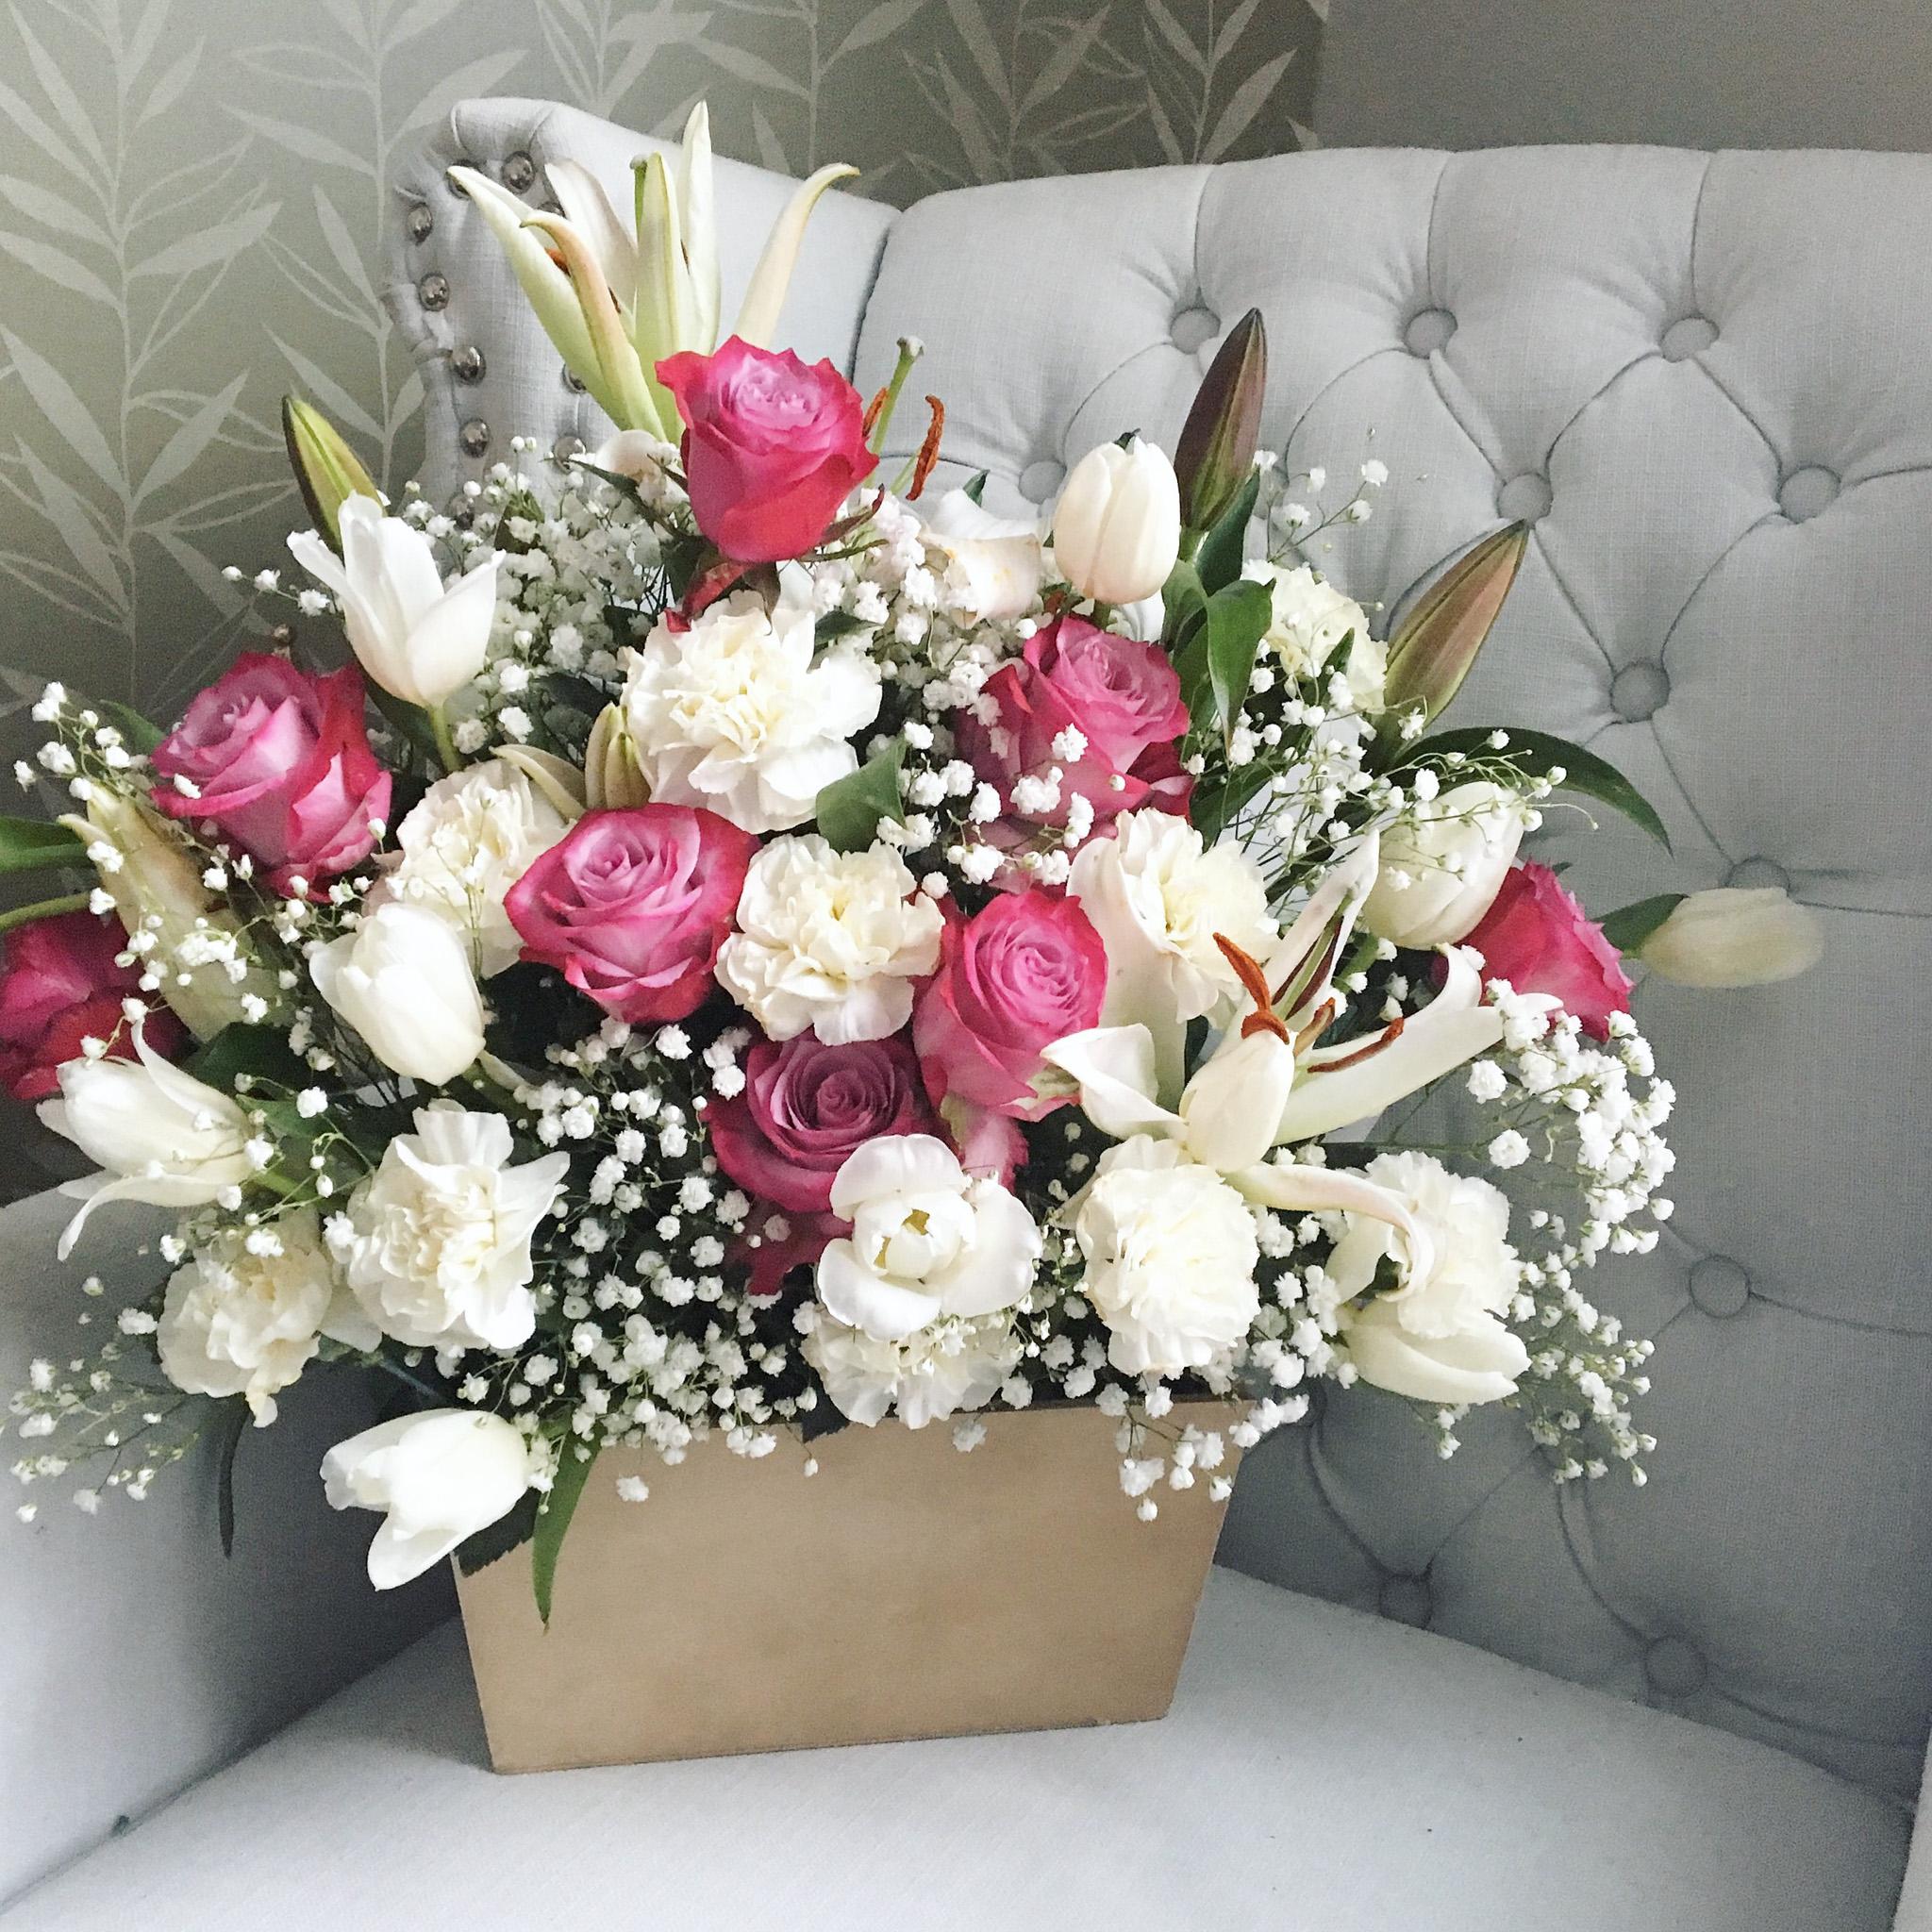 pink_floral_bouquet_luxury_cincinnatievents2.jpg